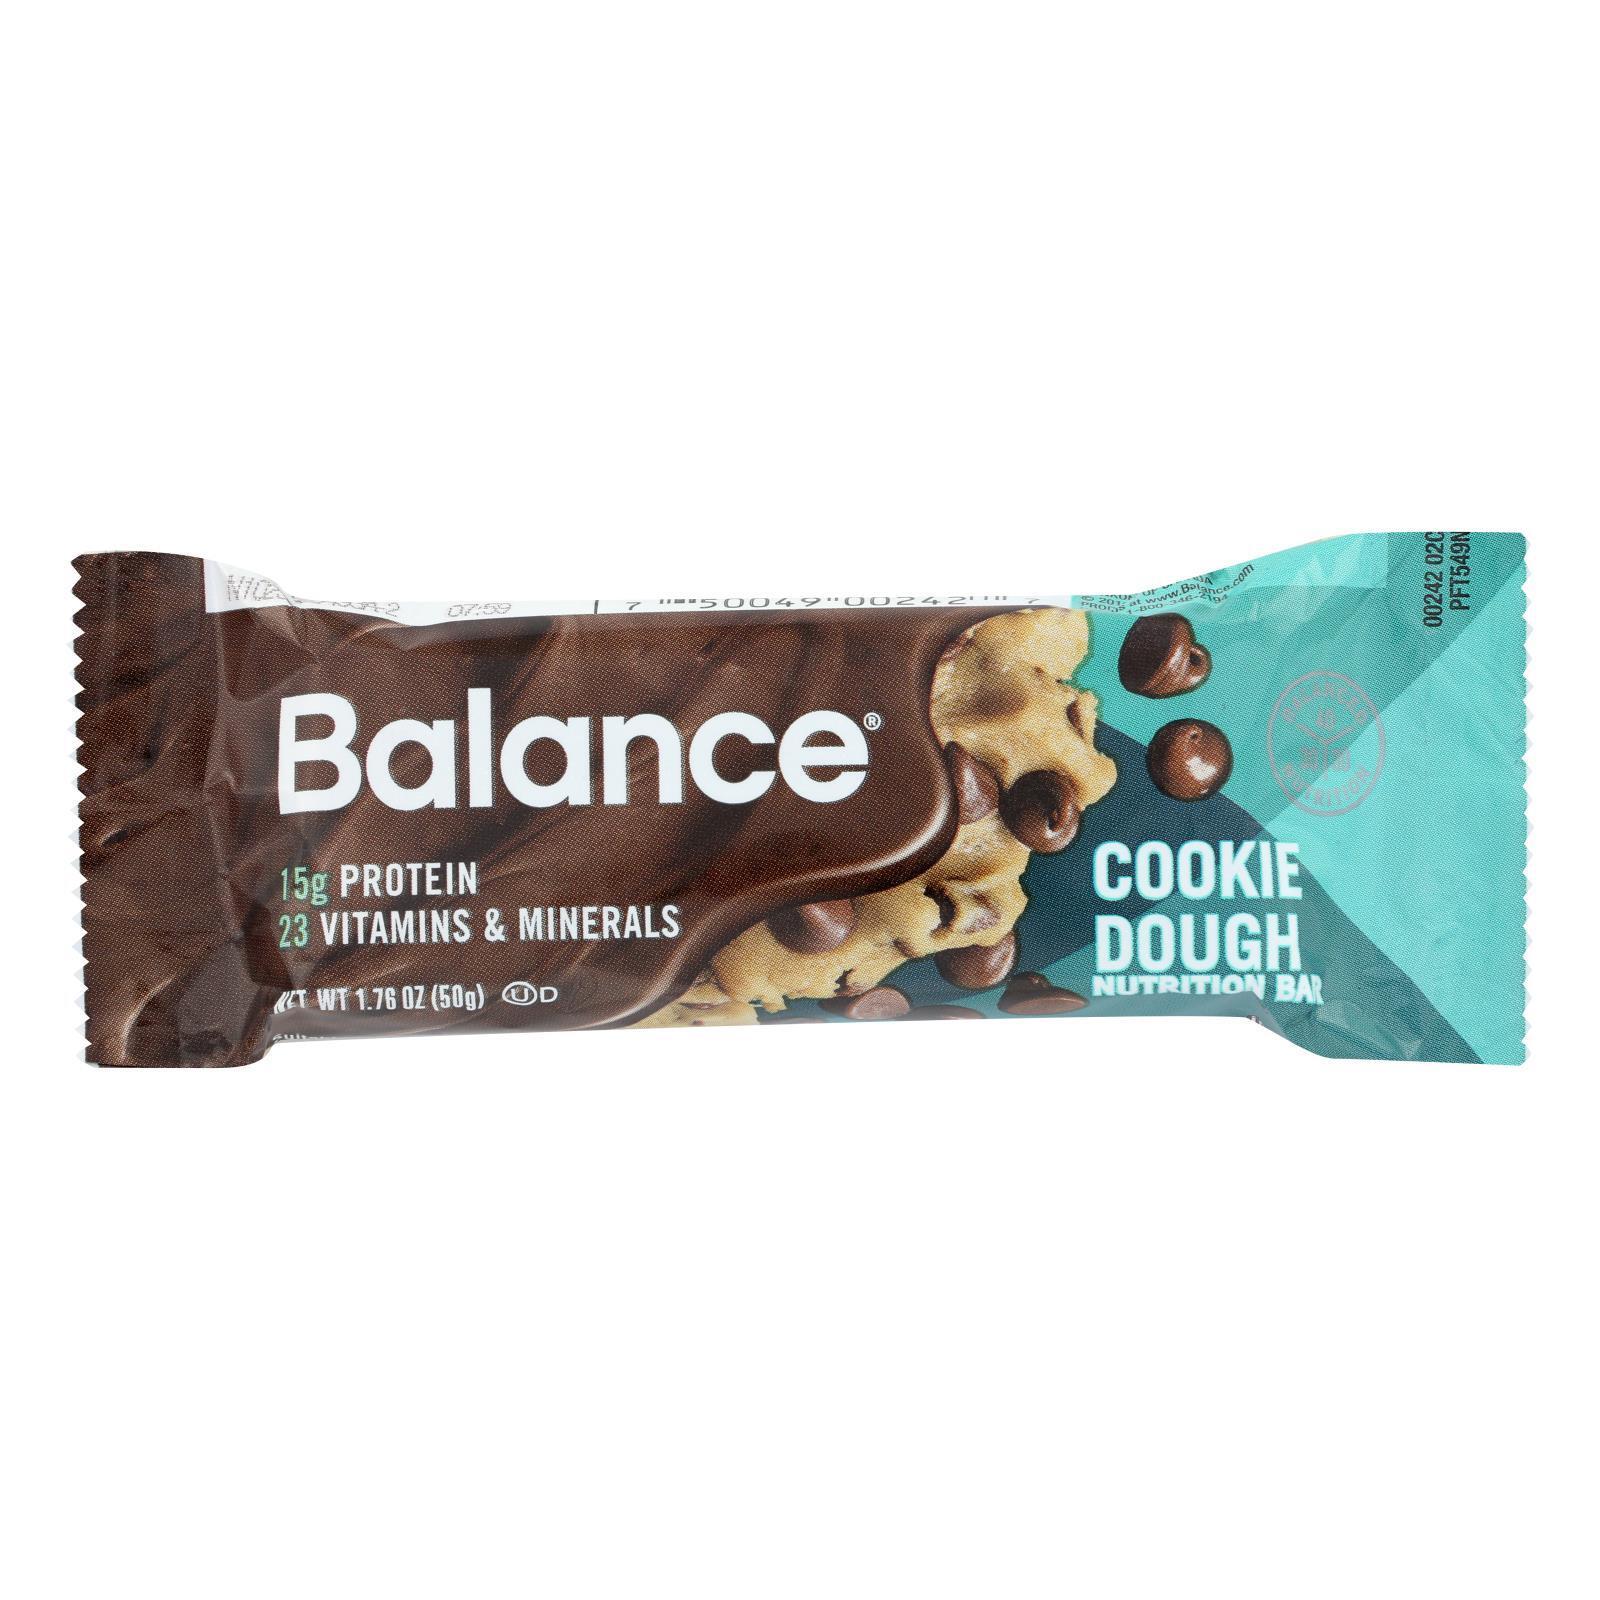 Balance Bar - Cookie Dough - 1.76 oz - Case of 6